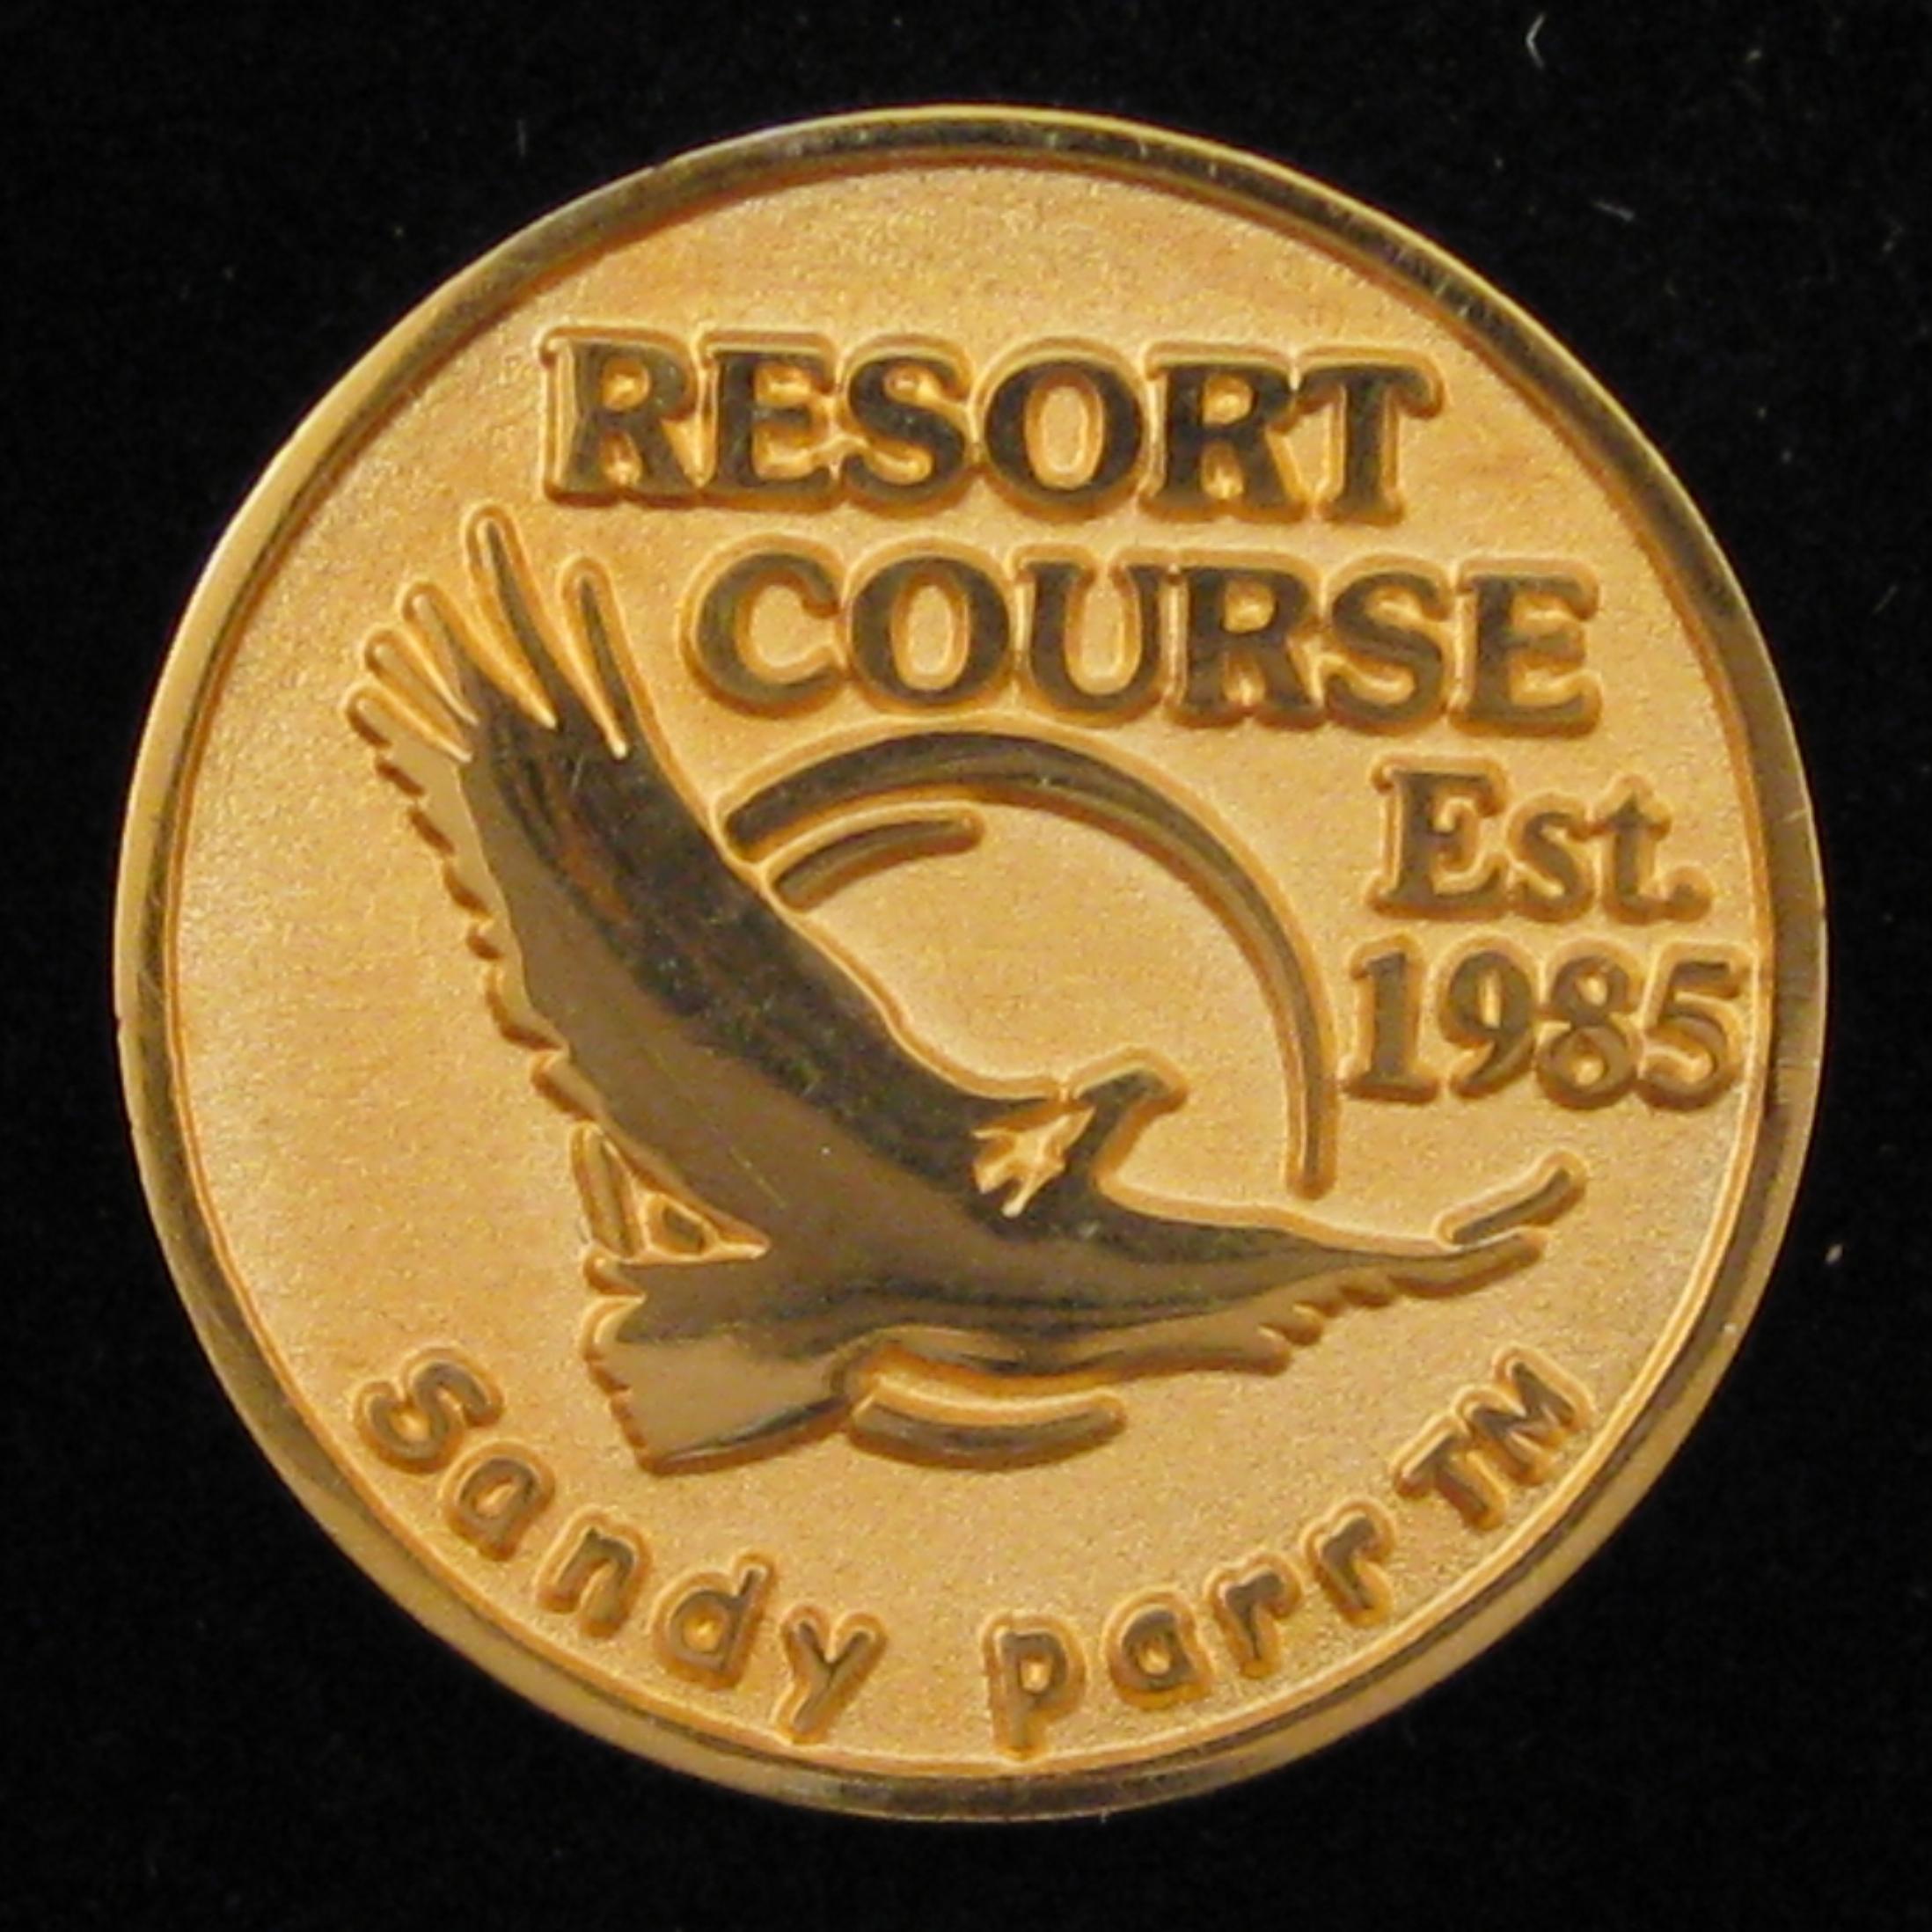 Eagle Crest Resort - Back